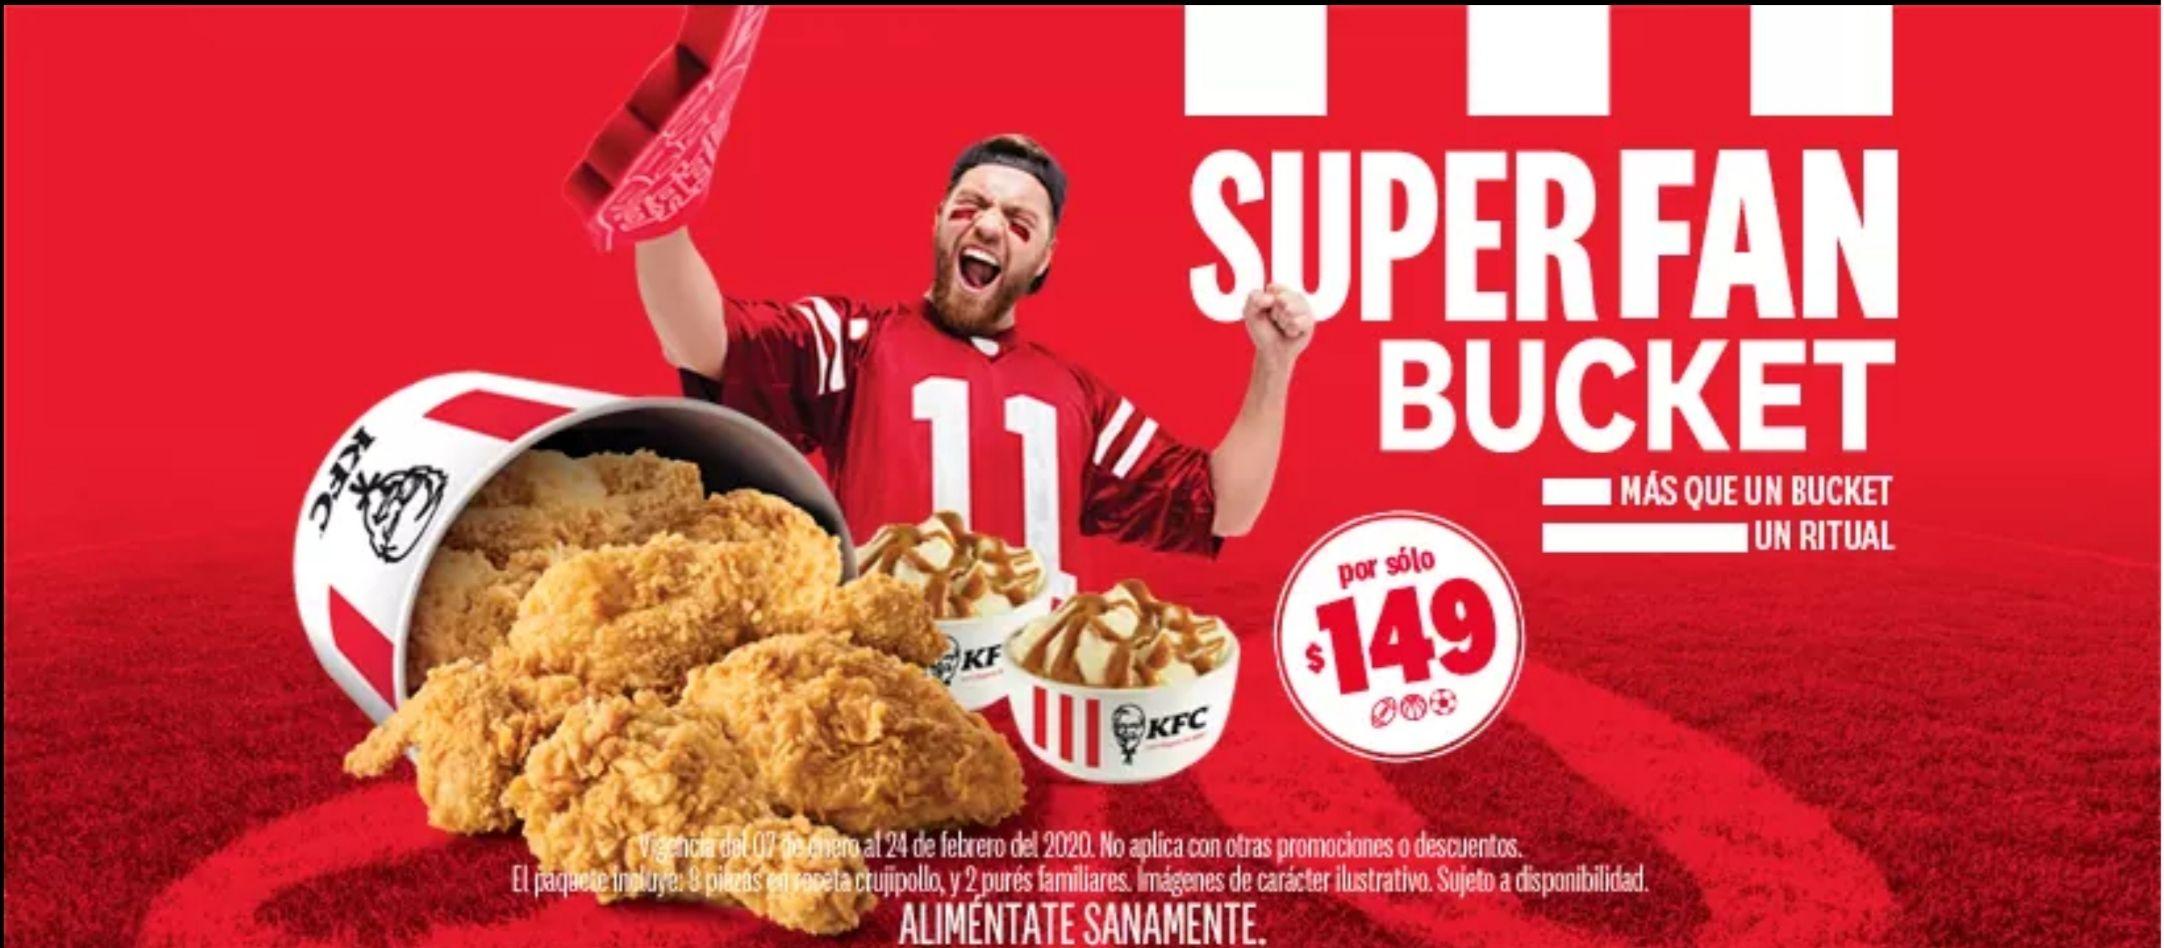 KFC : Super Fan Bucket a $149